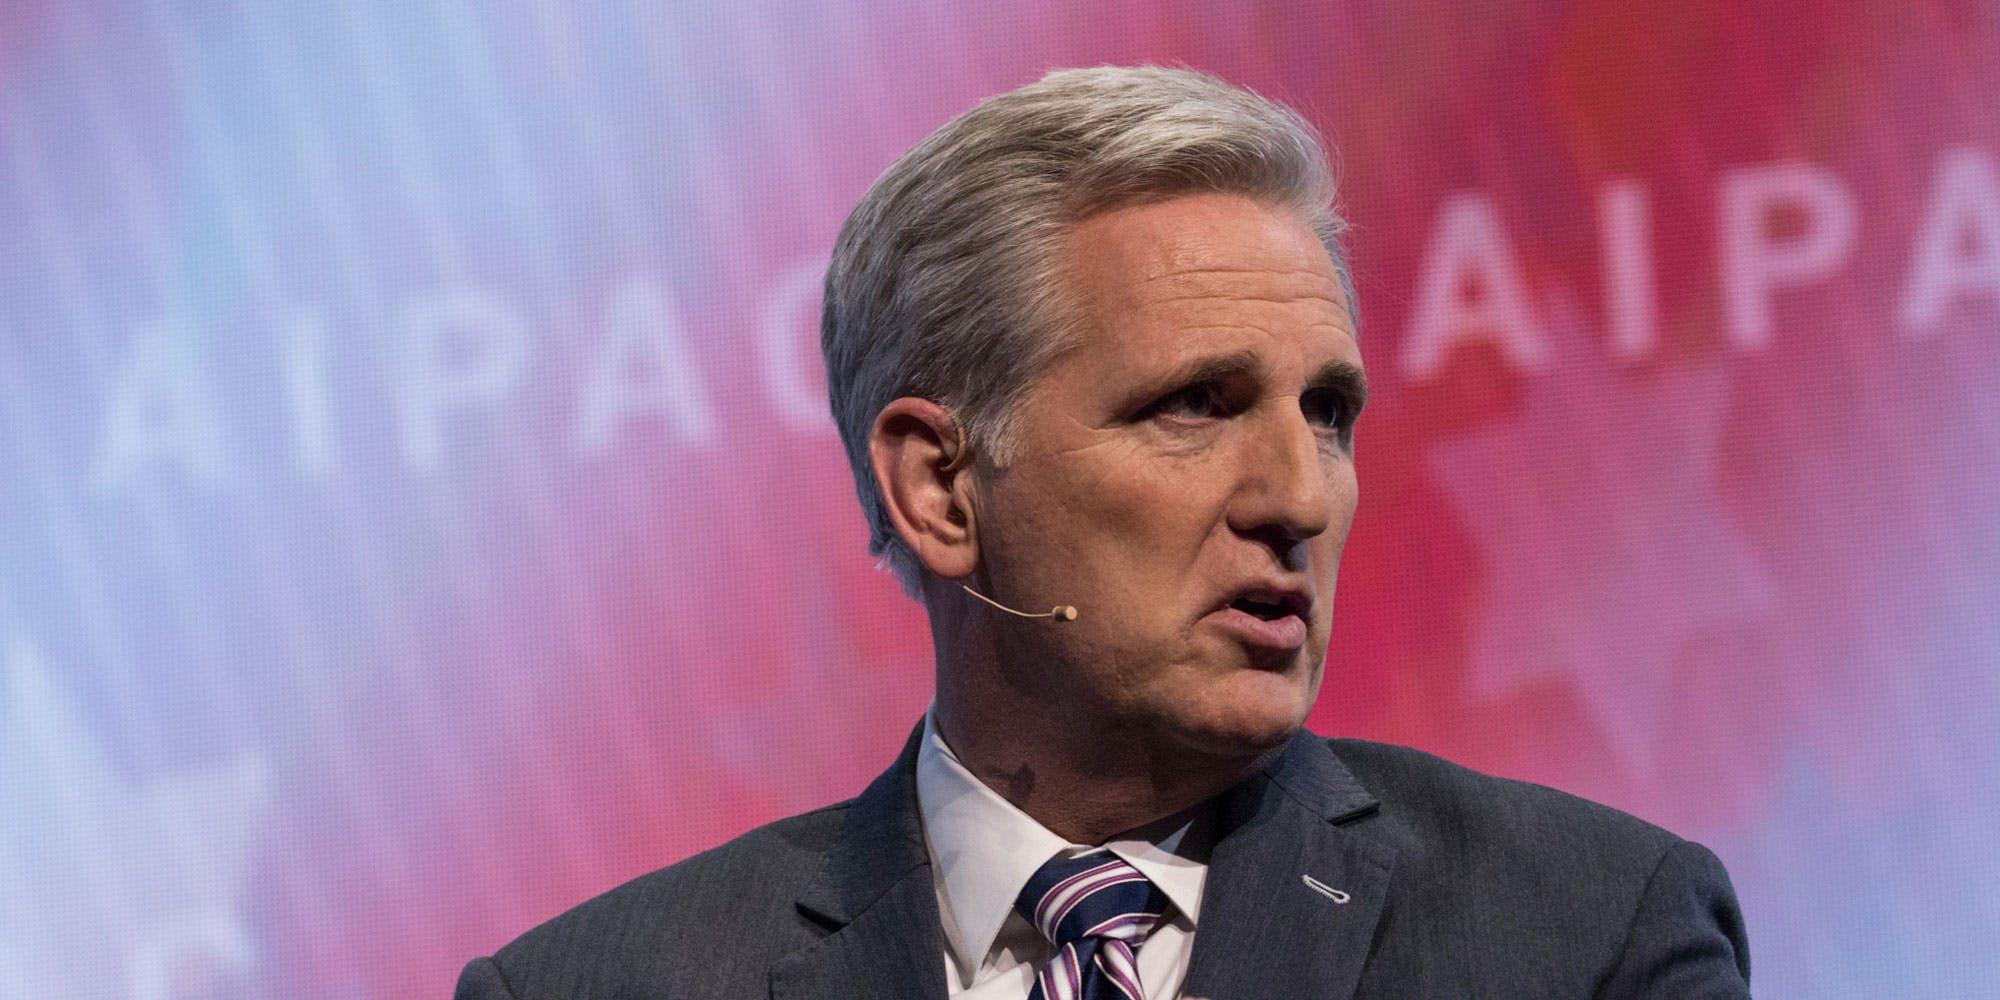 Pro-Israel Lobby Caught on Tape Boasting That Its Money Influences Washington